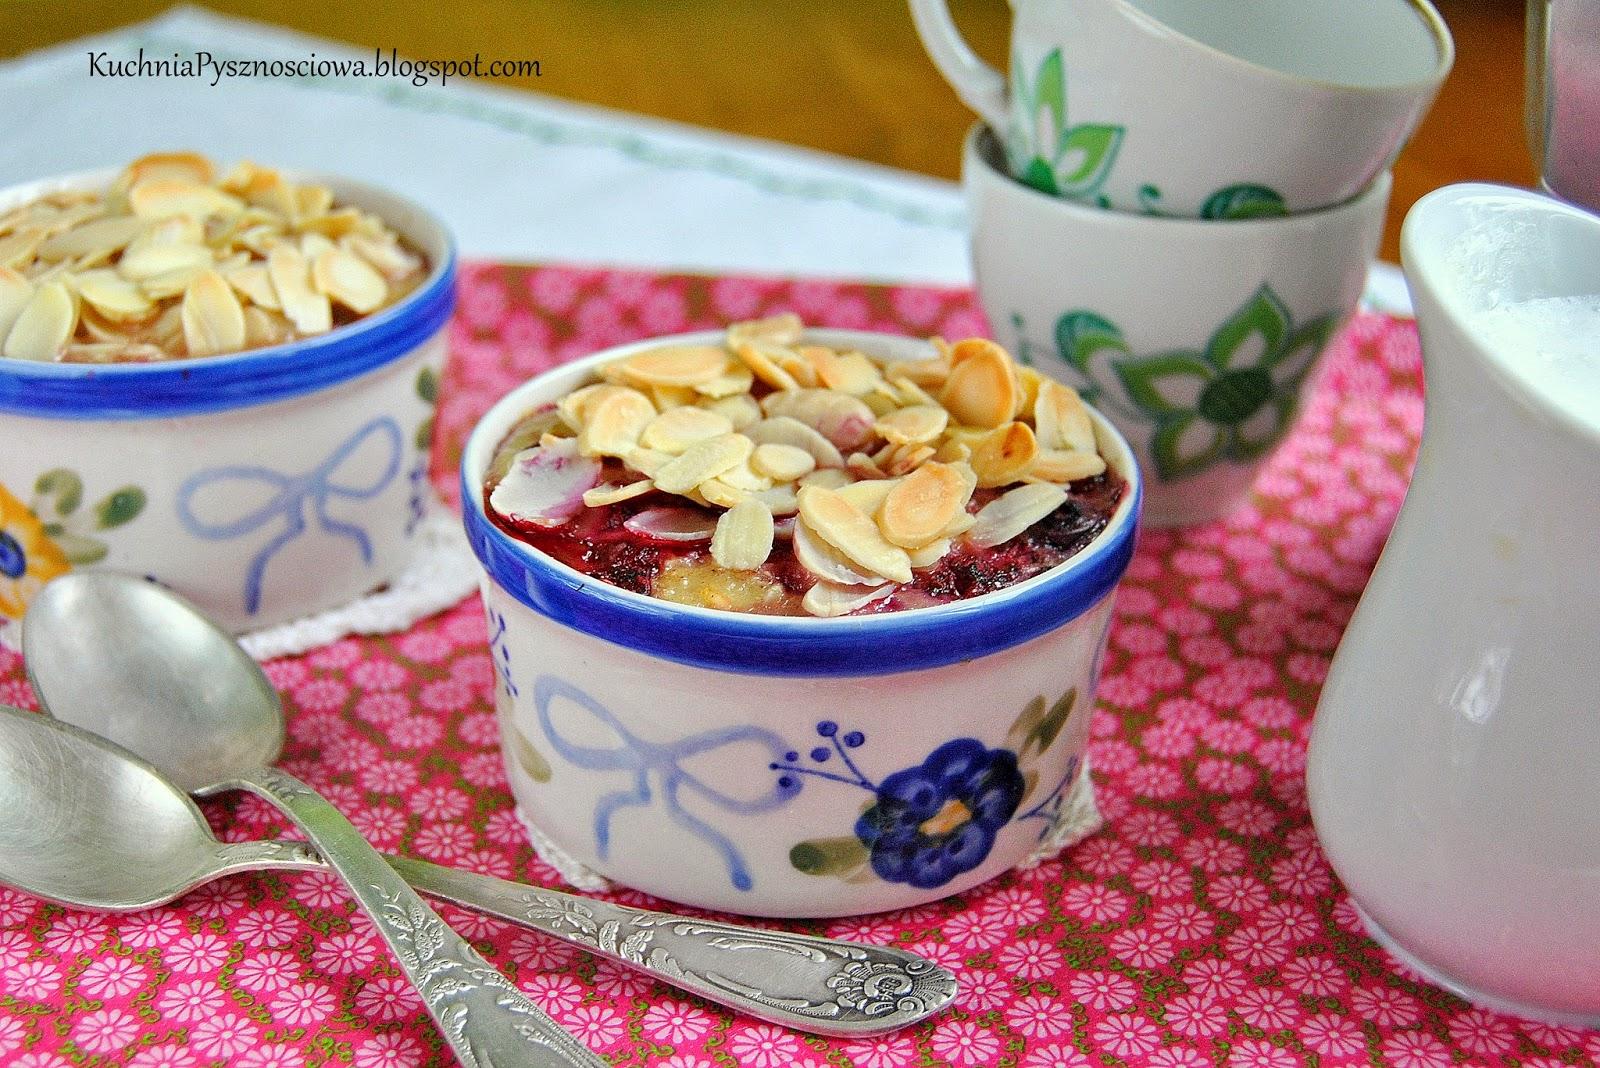 296. Śniadanie dla ciężarnej, pieczona owsianka z malinami i migdałami